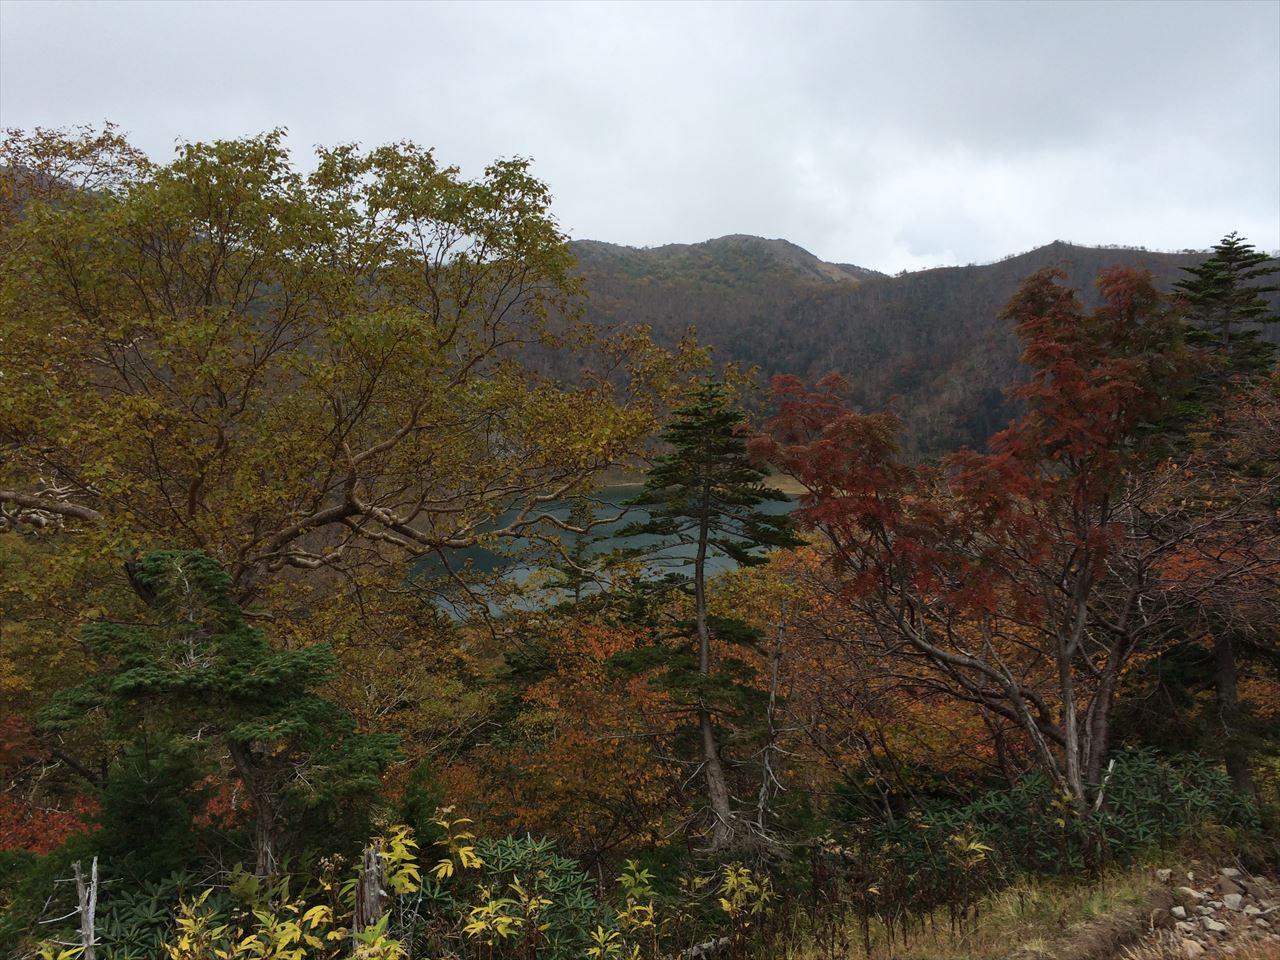 日光白根山 紅葉登山   秋の紅葉なら関東最高峰の日光に行こう(2015.9.27)